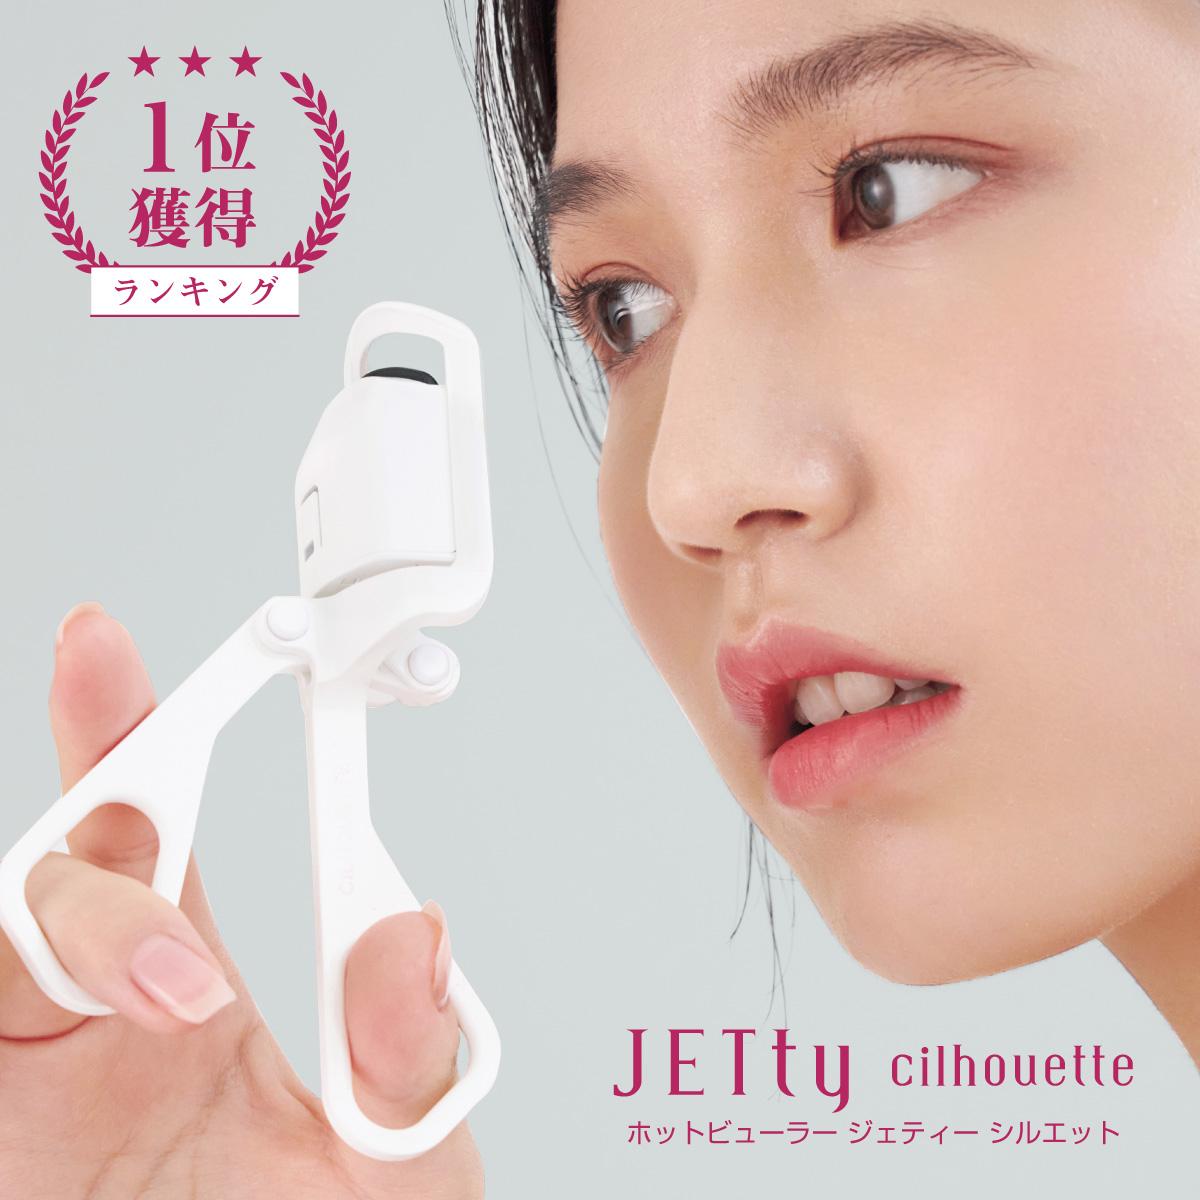 ビューラータイプ ホットビューラーで目元美人 一定温度65℃をキープしナチュラルで理想的なカールを演出できる革命アイテム 誕生日 母の日 などお祝いにもおススメ 期間限定イベント対象 特許出願中 ホットビューラー ジェティー JETty ブランド激安セール会場 ビューラータイプまつげ まつ毛 USB 充電式 セール特別価格 旅行 はさむ レディース レジャー ホット ギフト ビューラー 女性 充電 プレゼント 持ち運び カーラー挟む 梅雨 アイメイク